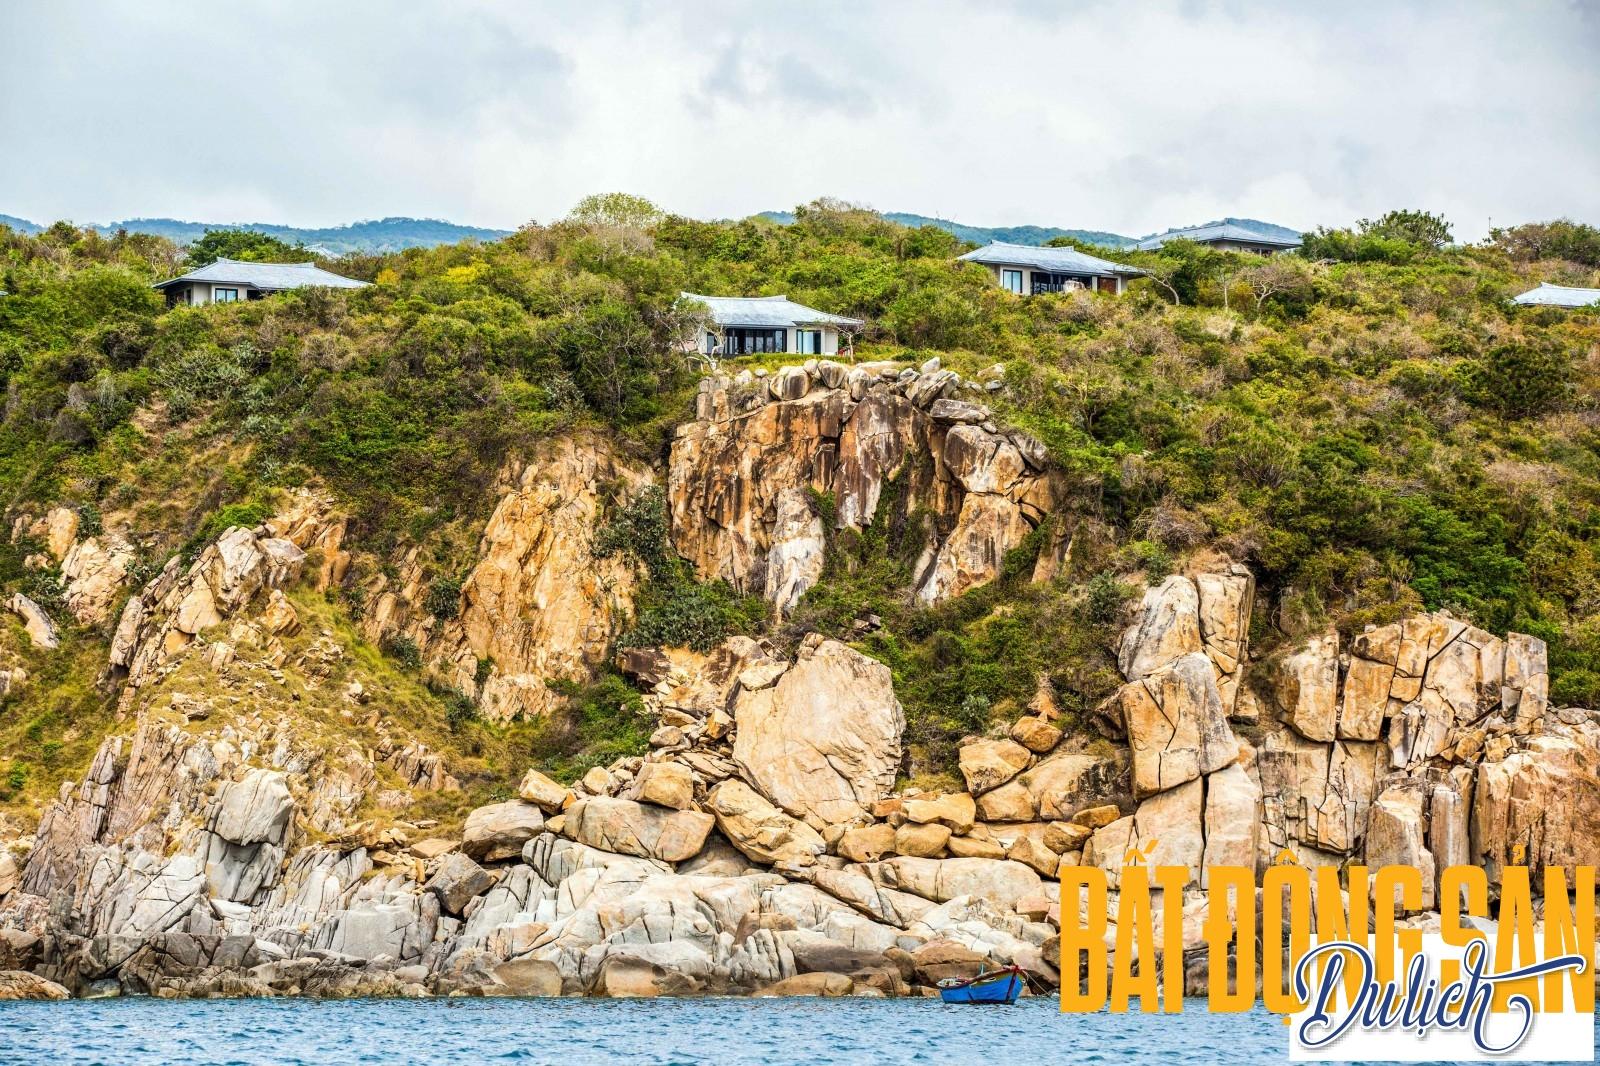 Các khu nhà nghỉ dưỡng của Amanoi Resort ẩn hiện trên dãy Núi Chúa, với không gian xung quanh là rừng núi, trước mặt là vùng biển xanh hoang dã của Vĩnh Hy.